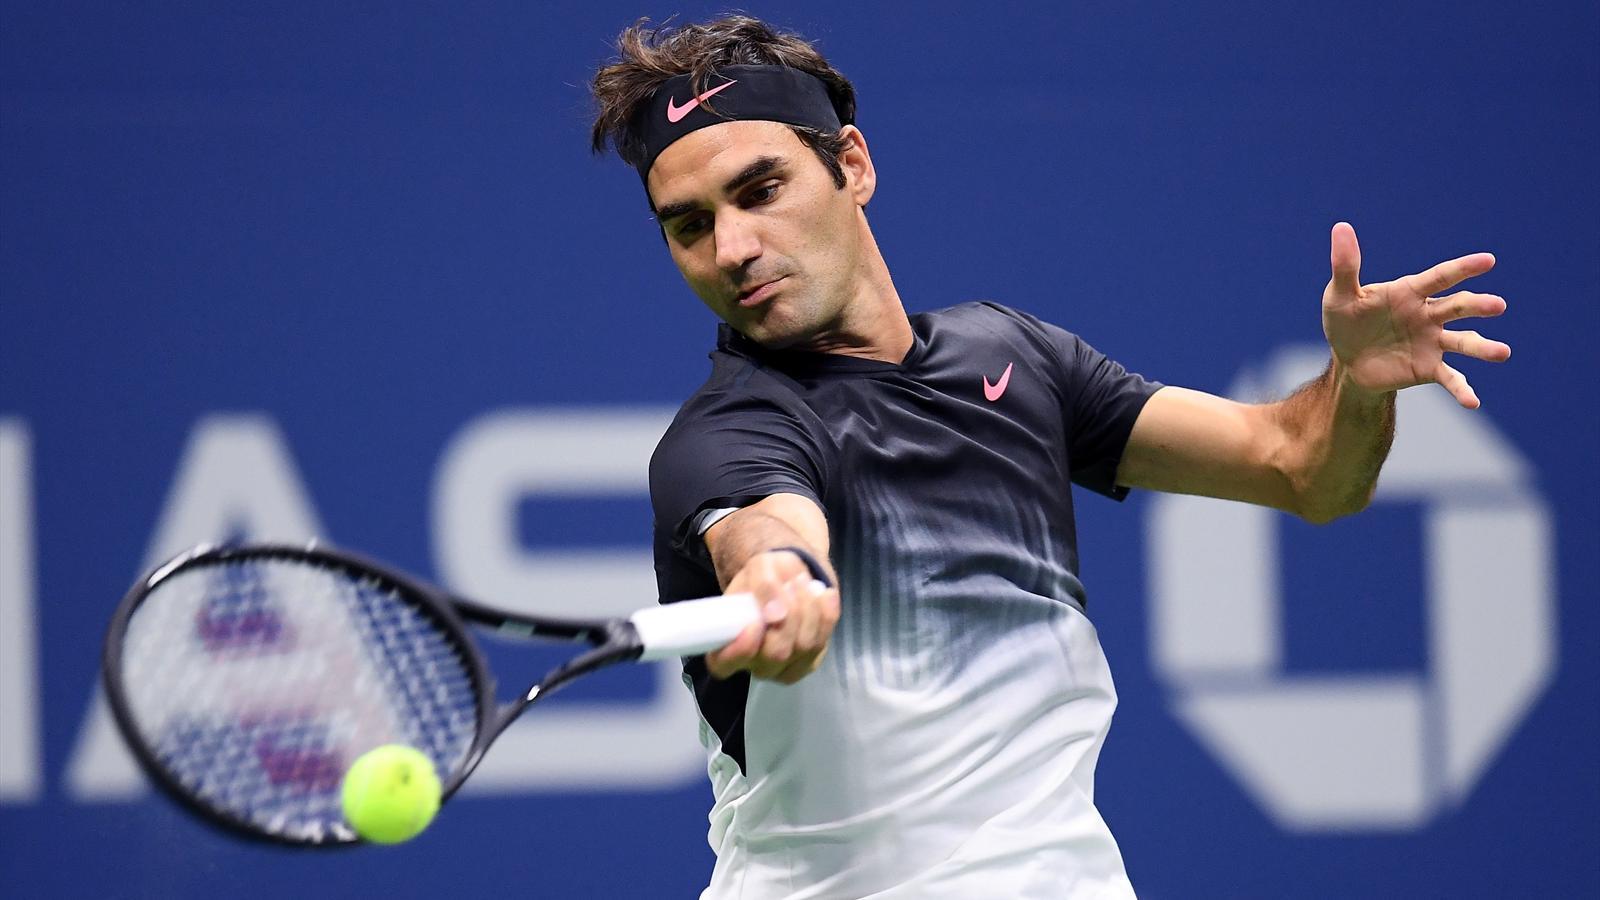 US Open 2017: Roger Federer fights back to level against ...